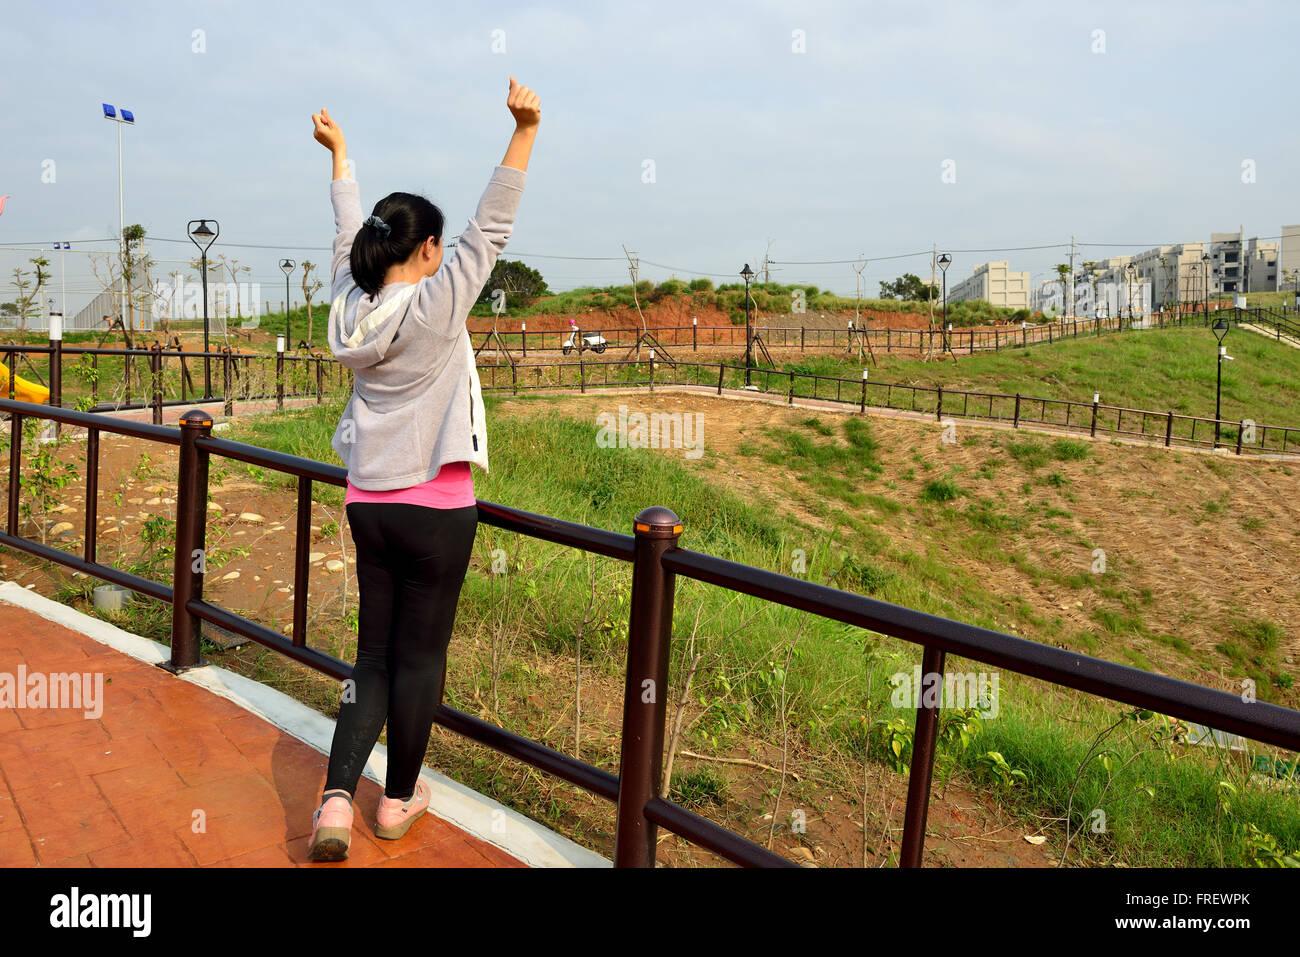 Mujer de pie con las manos arriba /futuro / la libertad / esperanza / éxito concepto Imagen De Stock